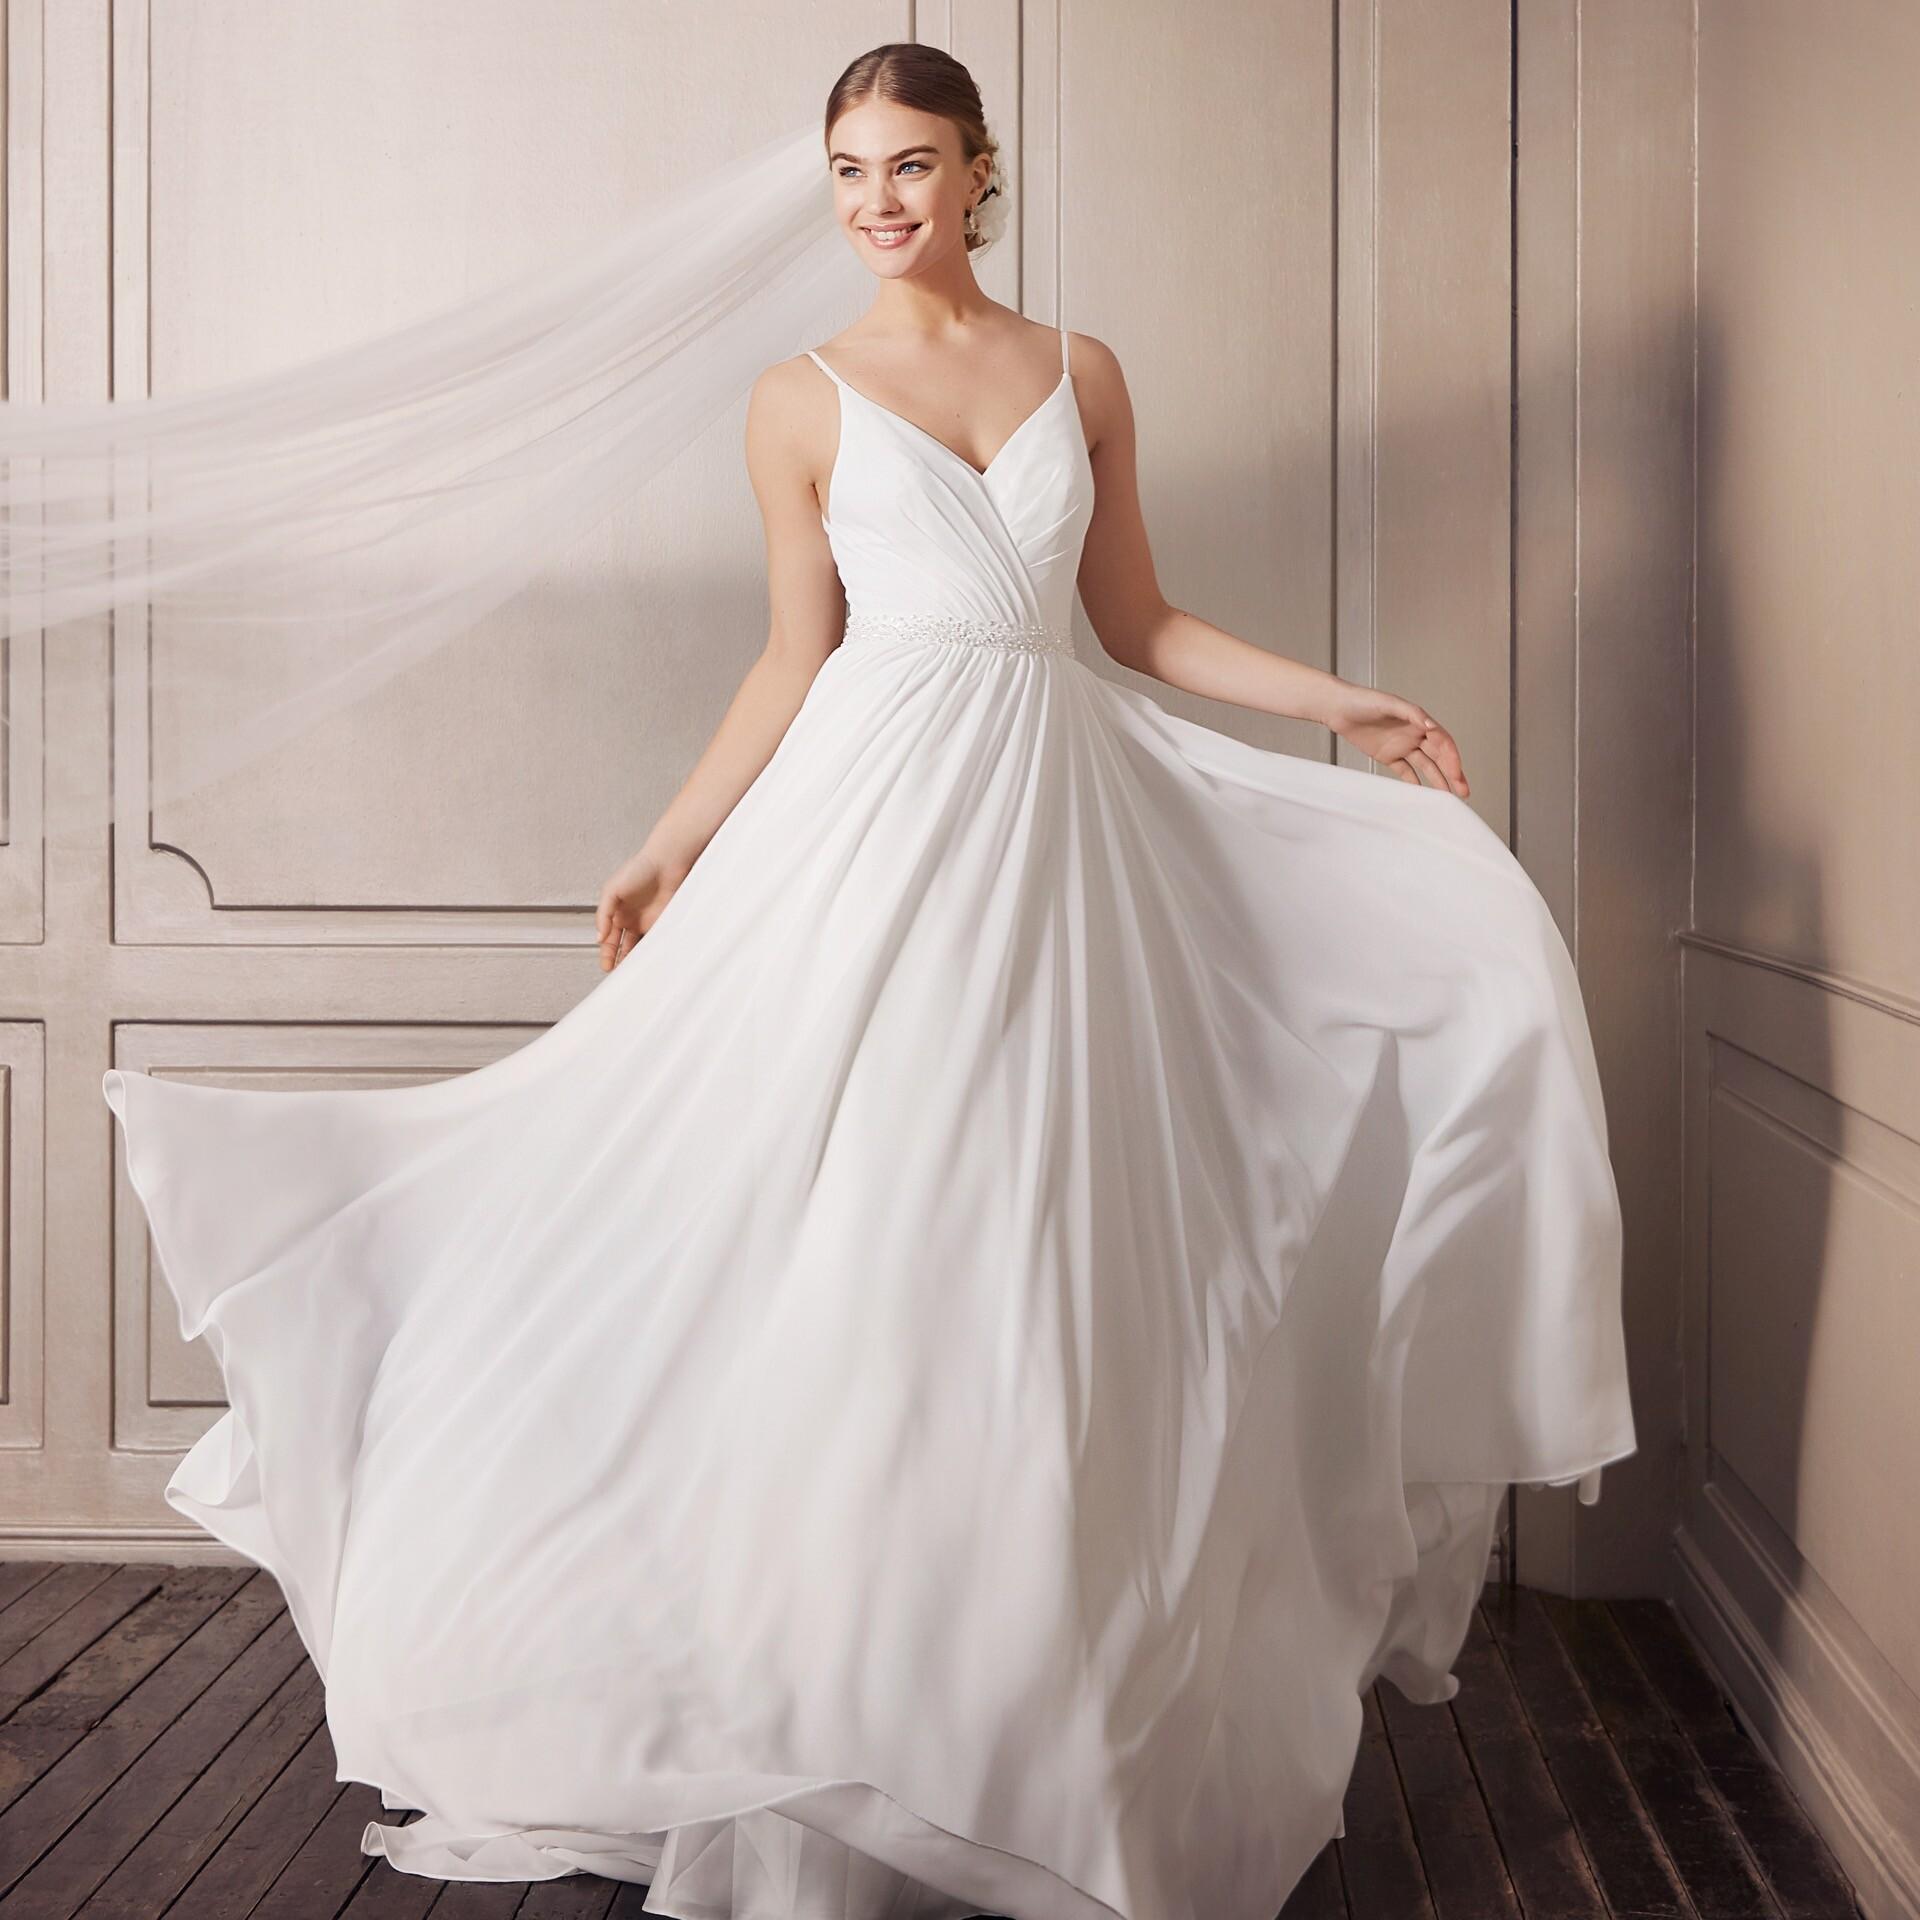 Brautkleid von Purewhite by Lilly Style 08-4181